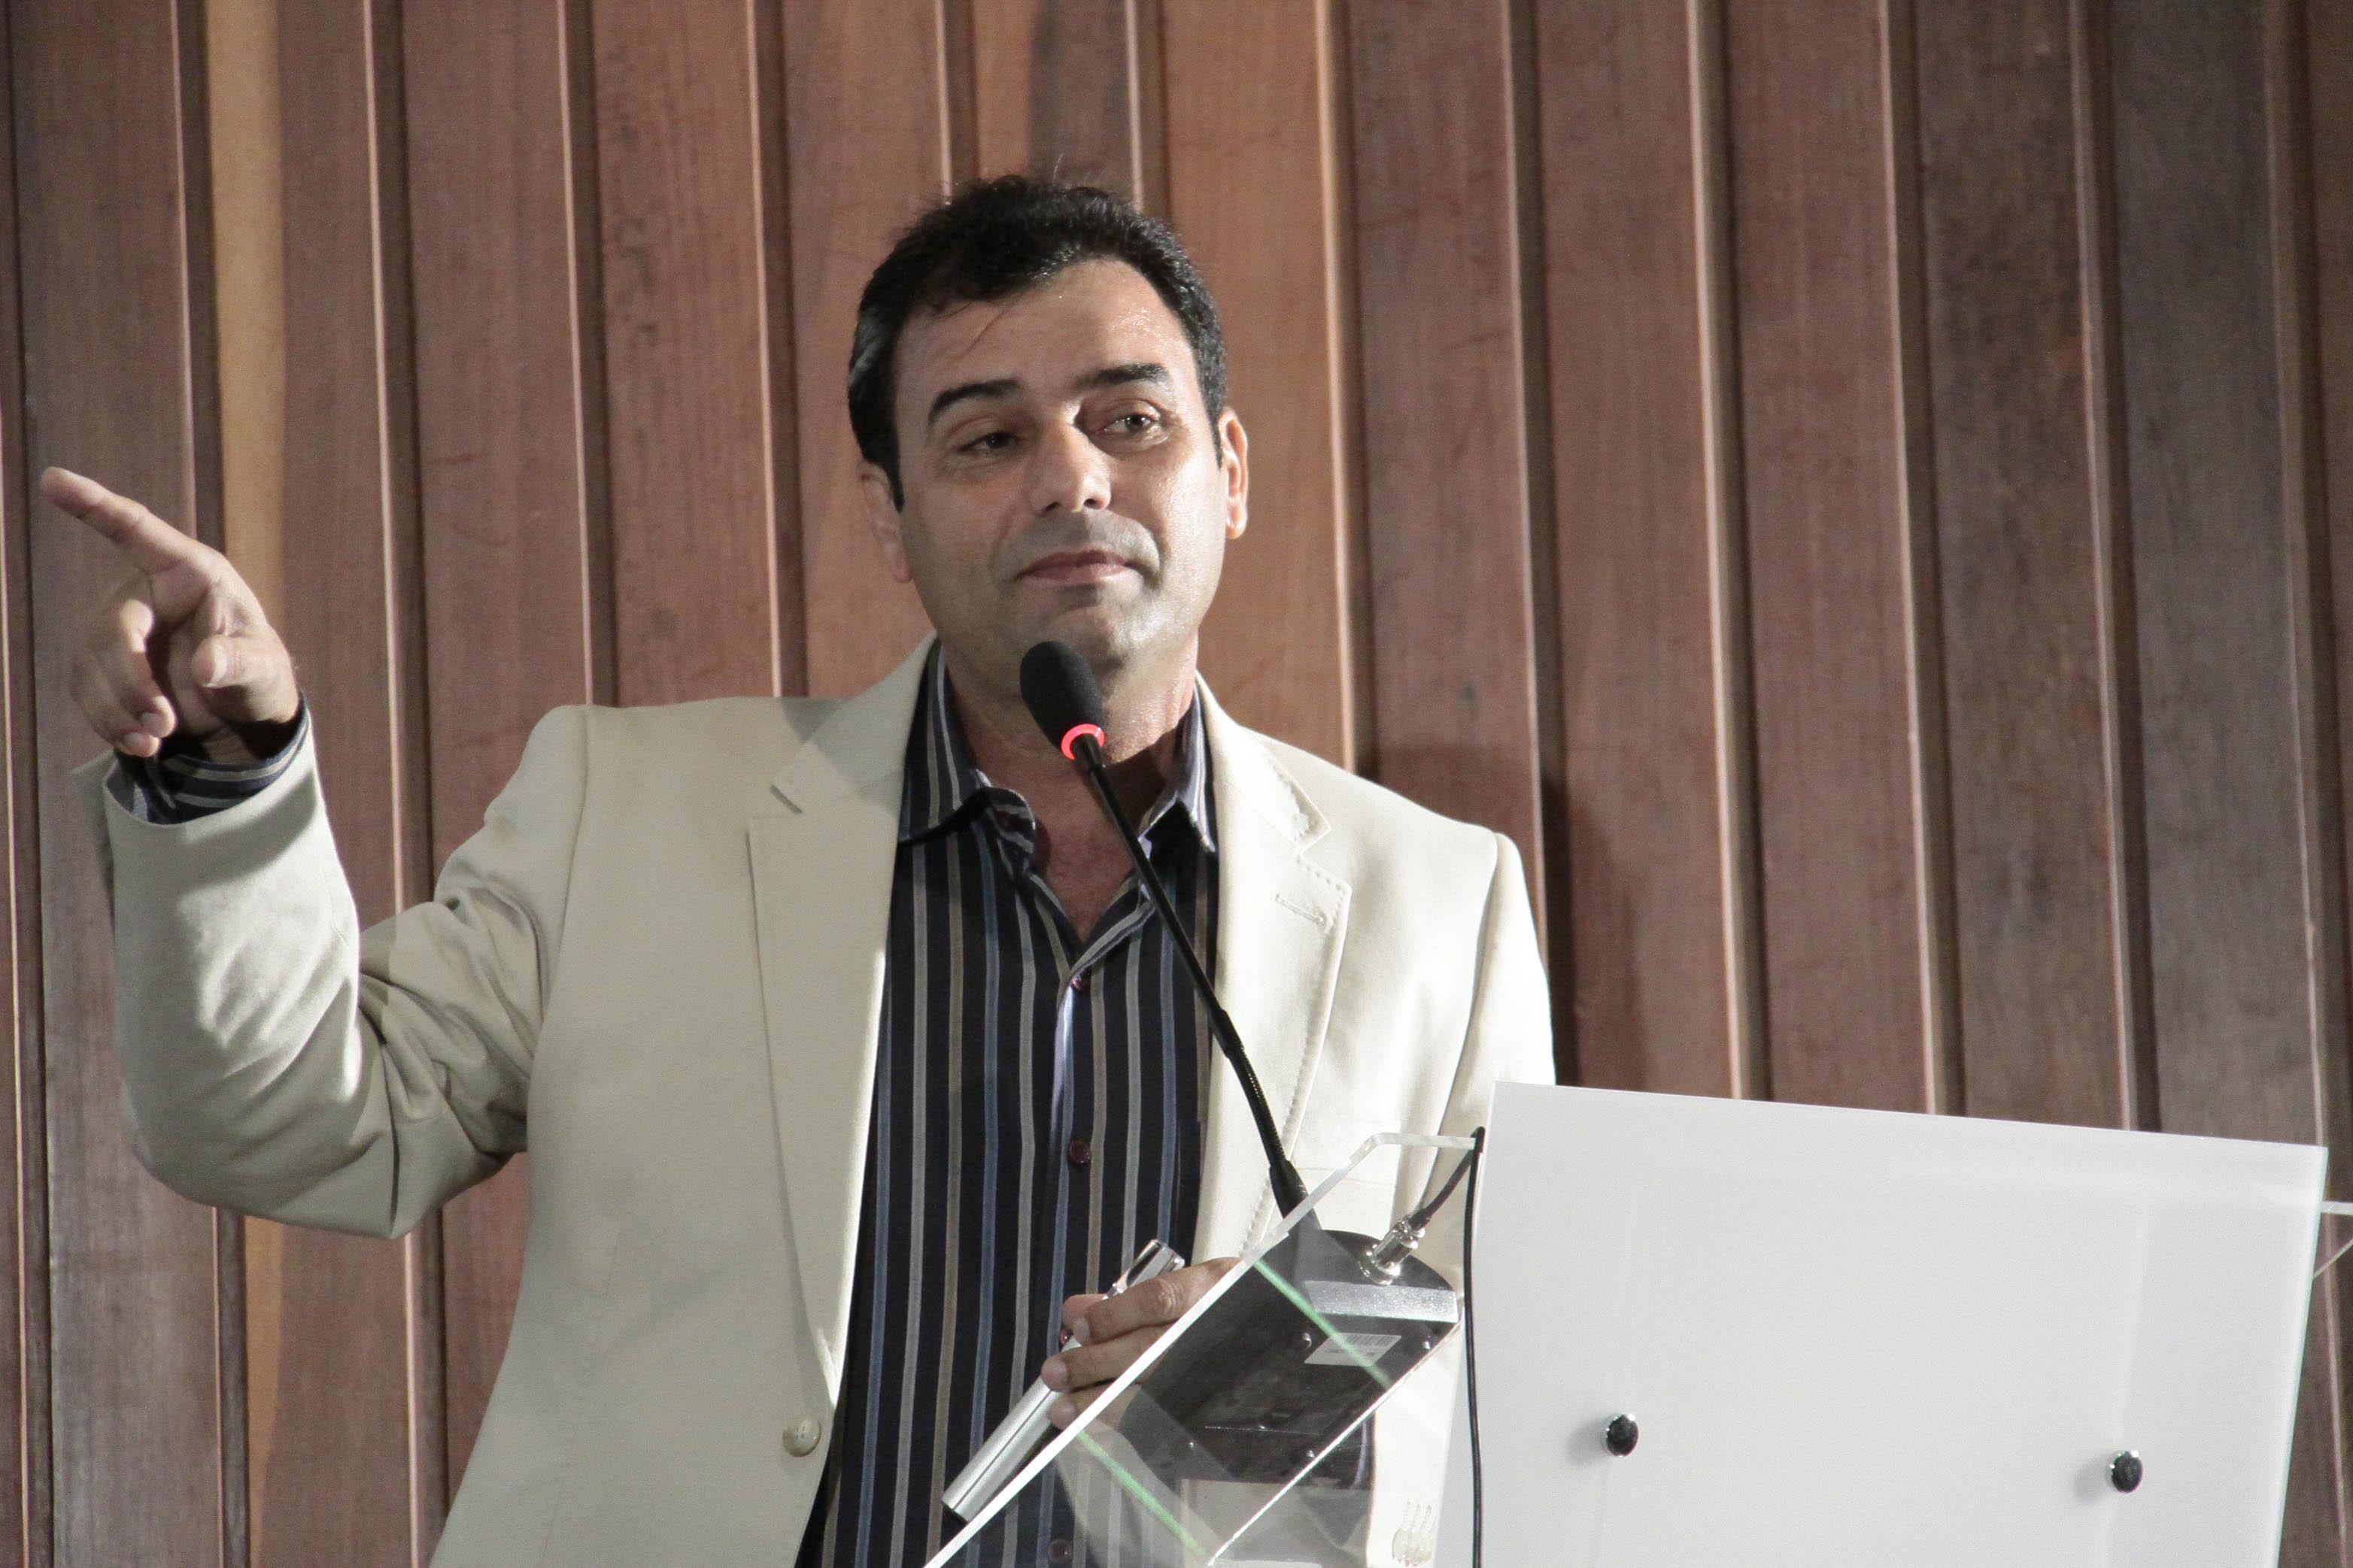 Josivan Barbosa, reitor da  Ufersa, propõe métodos de pesquisa que não exponham animais ao  sofrimento